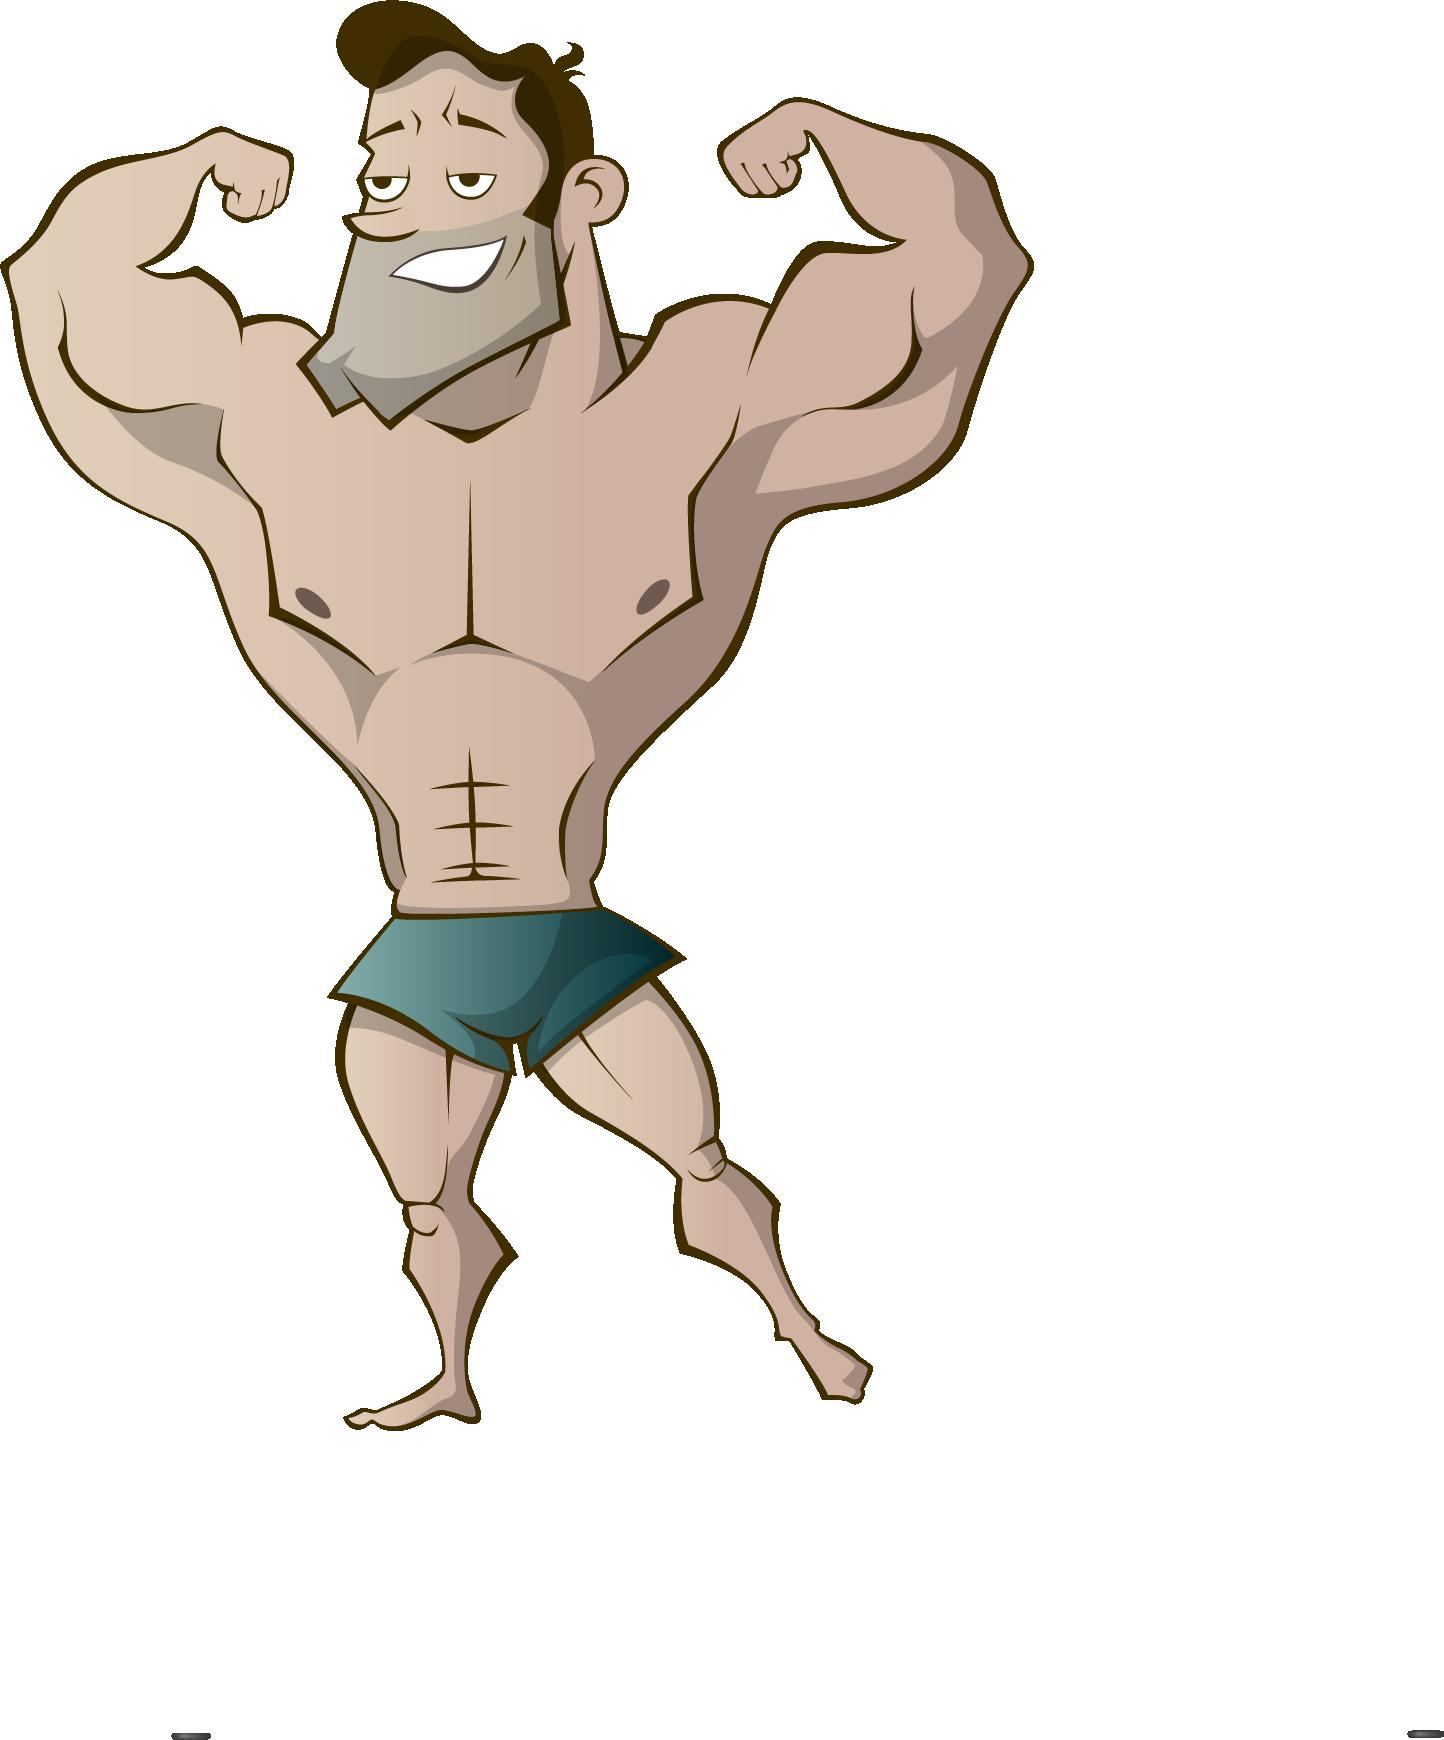 Смешные картинки сильных мужчин